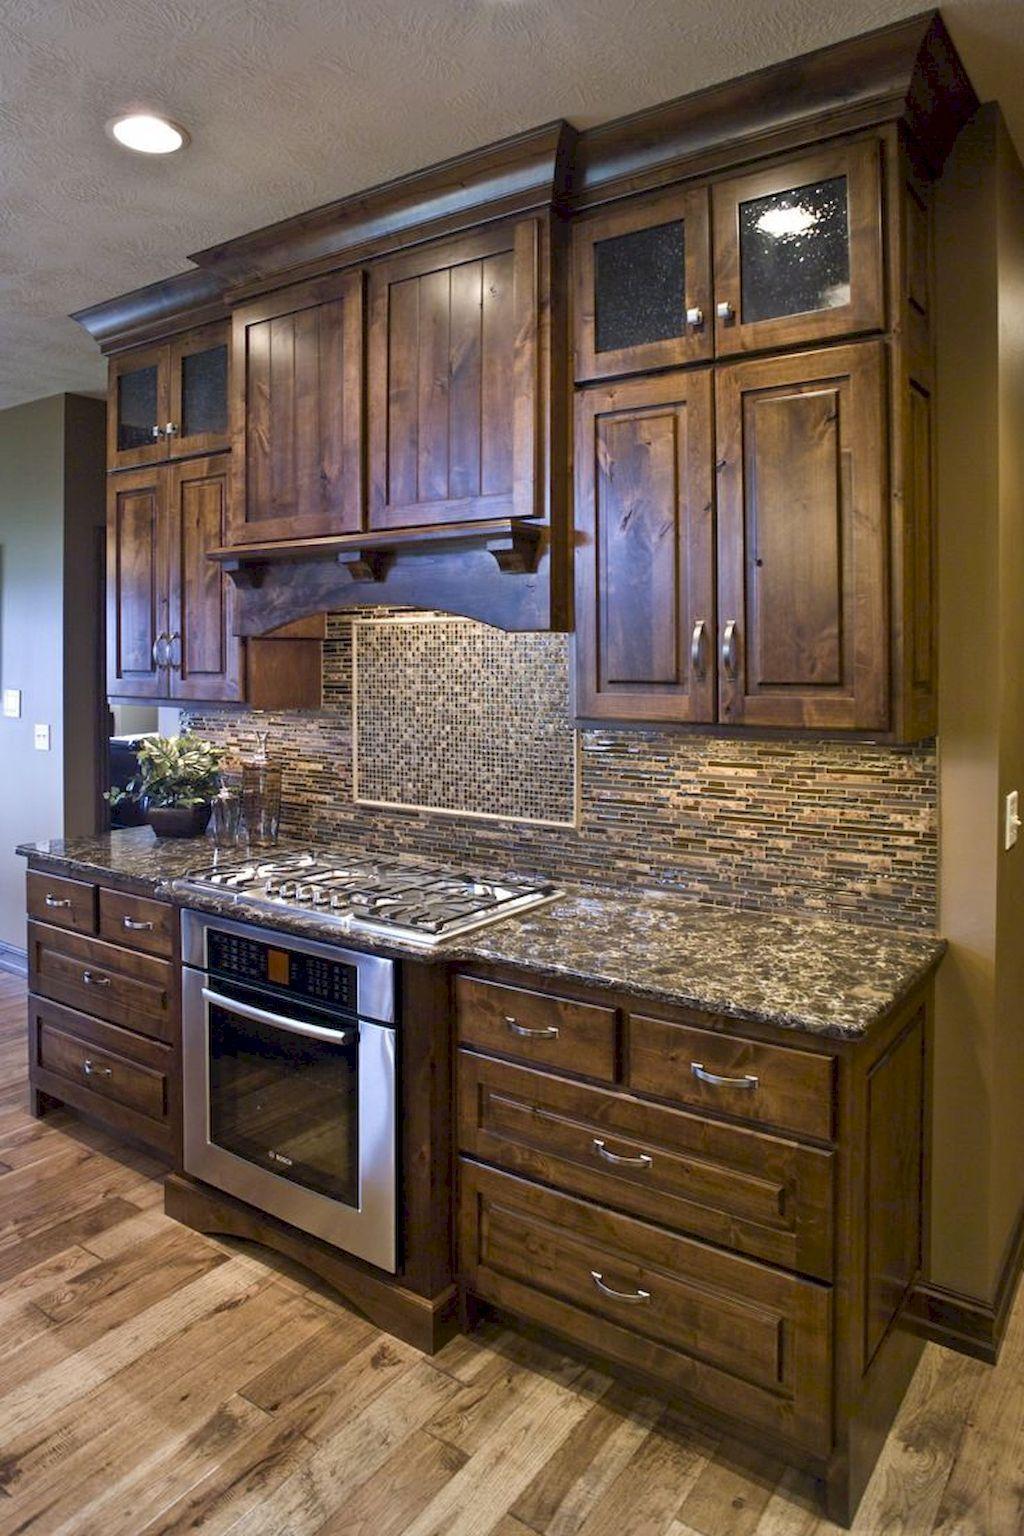 44 wonderful farmhouse kitchen ideas design with rustic farmhouse style kitchen cabinets on kitchen cabinets rustic farmhouse style id=33488